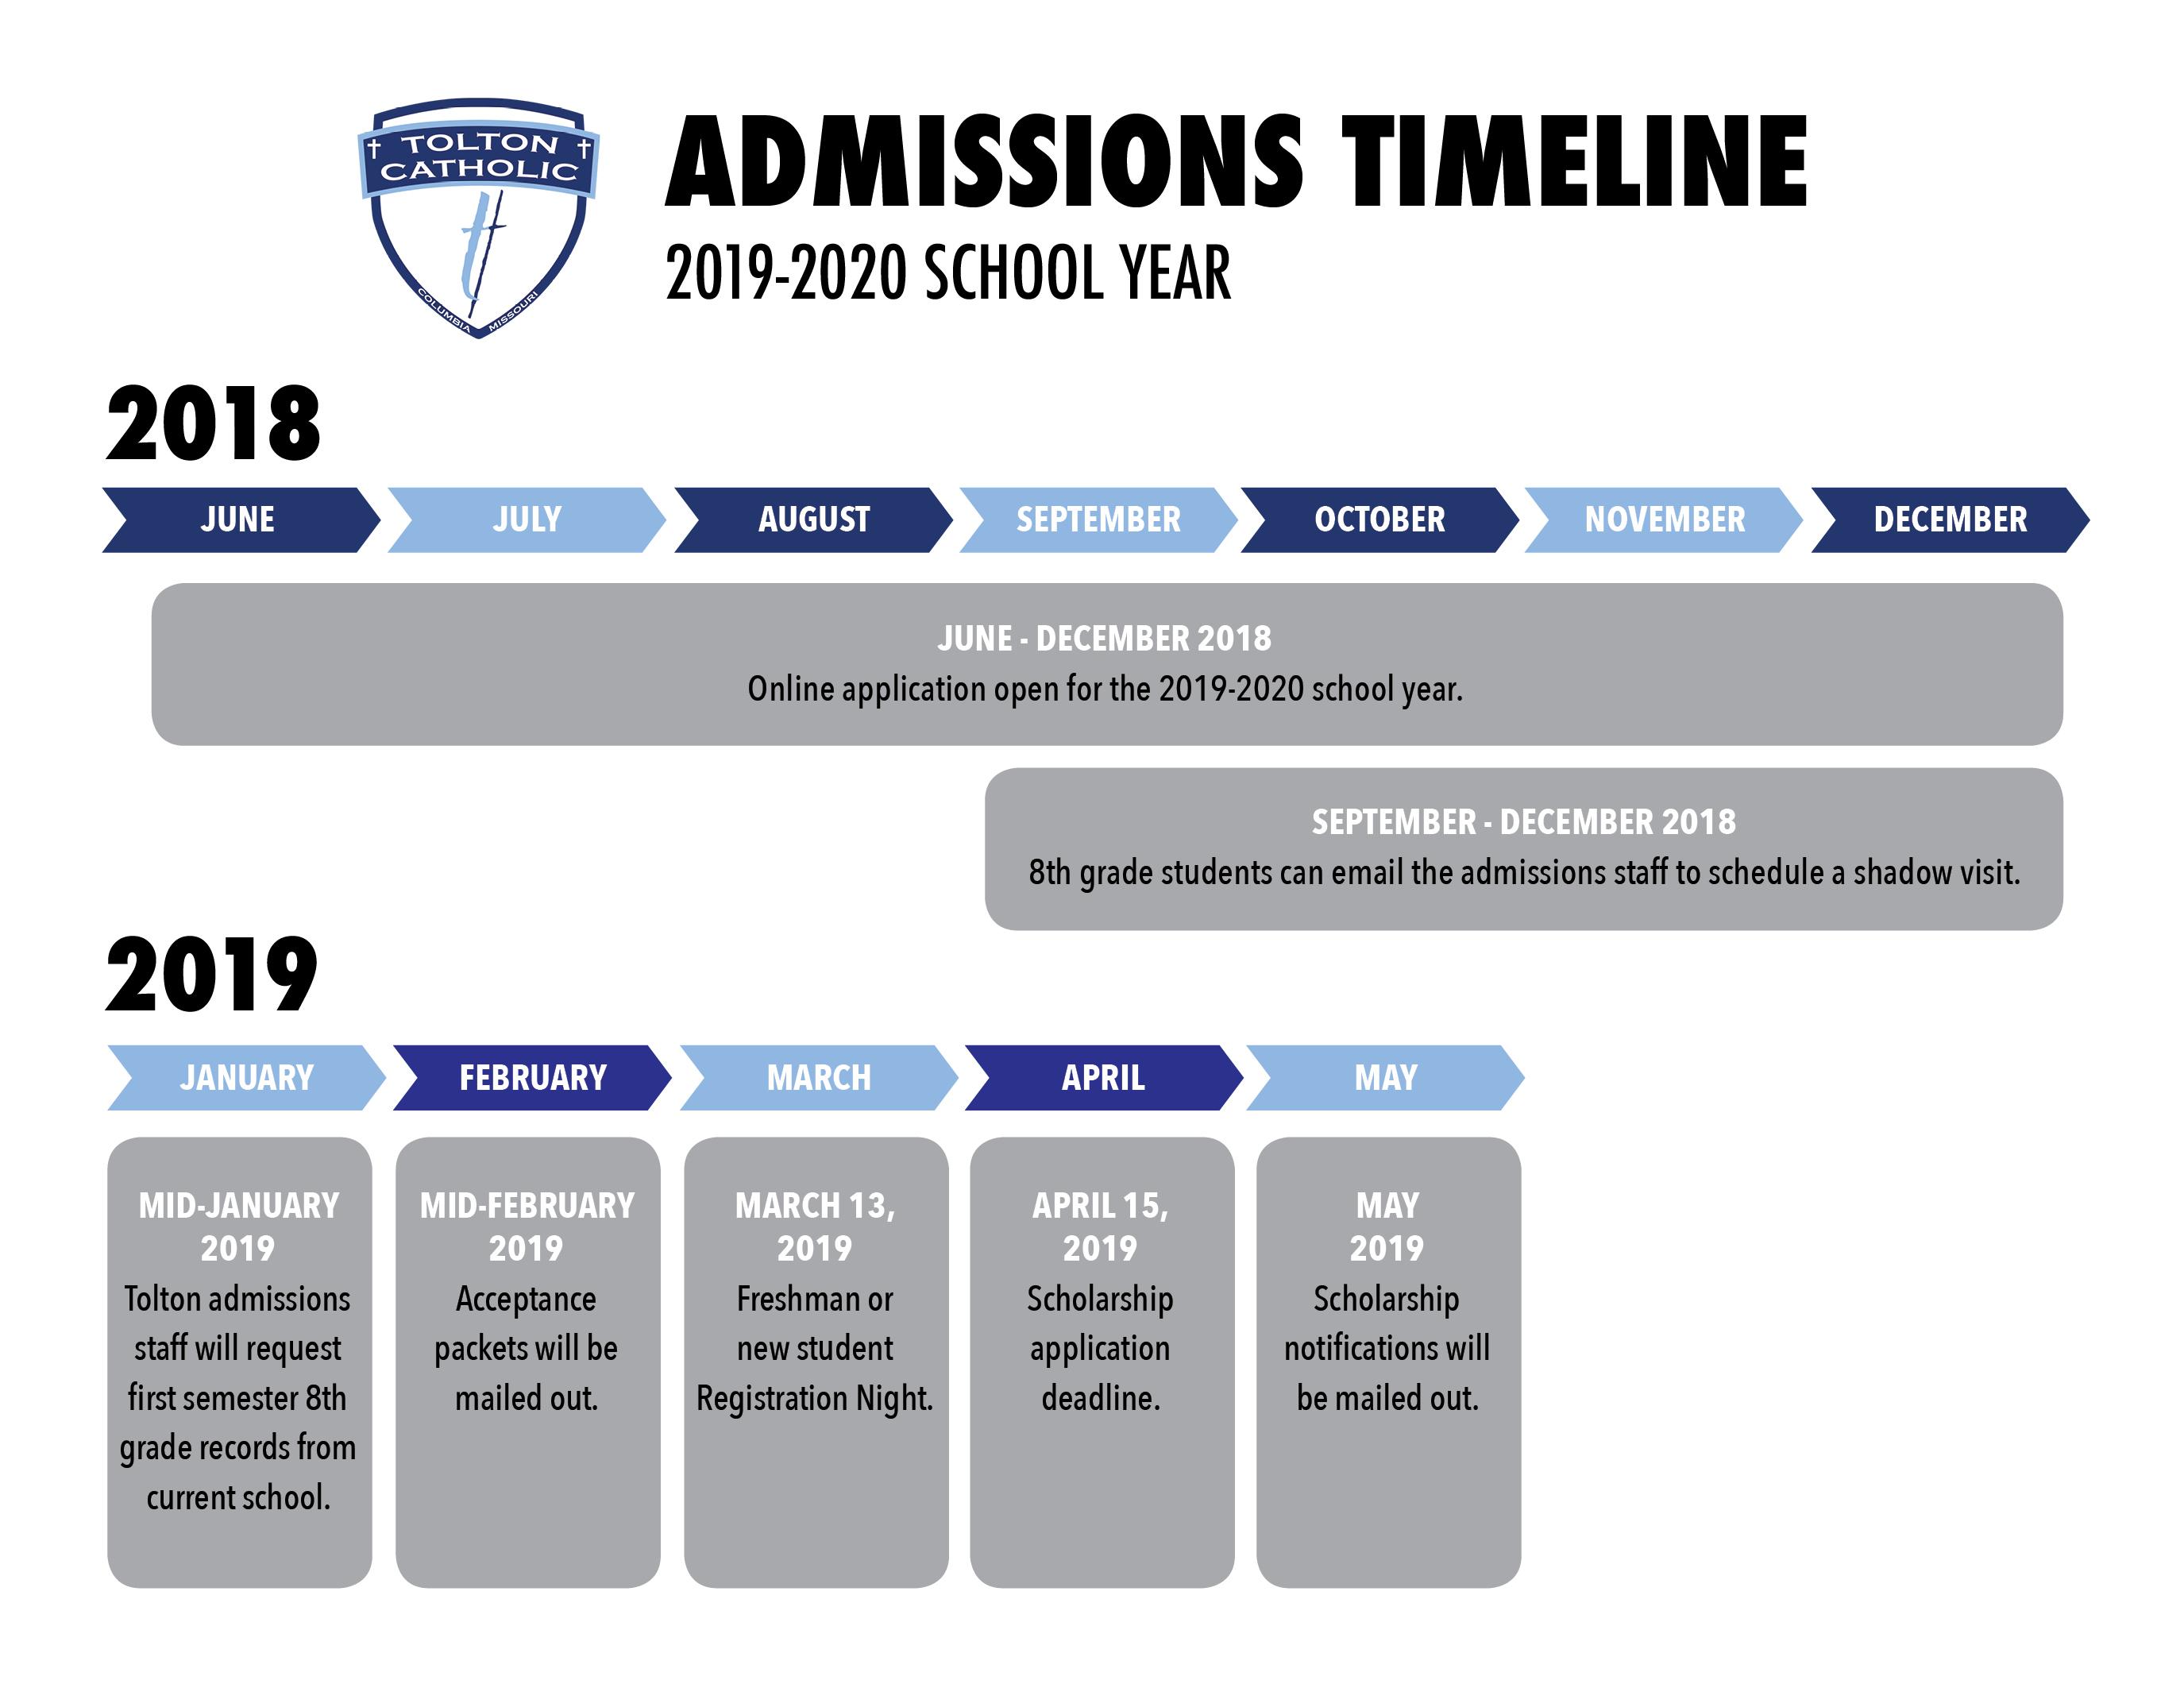 AdmissionTimeline